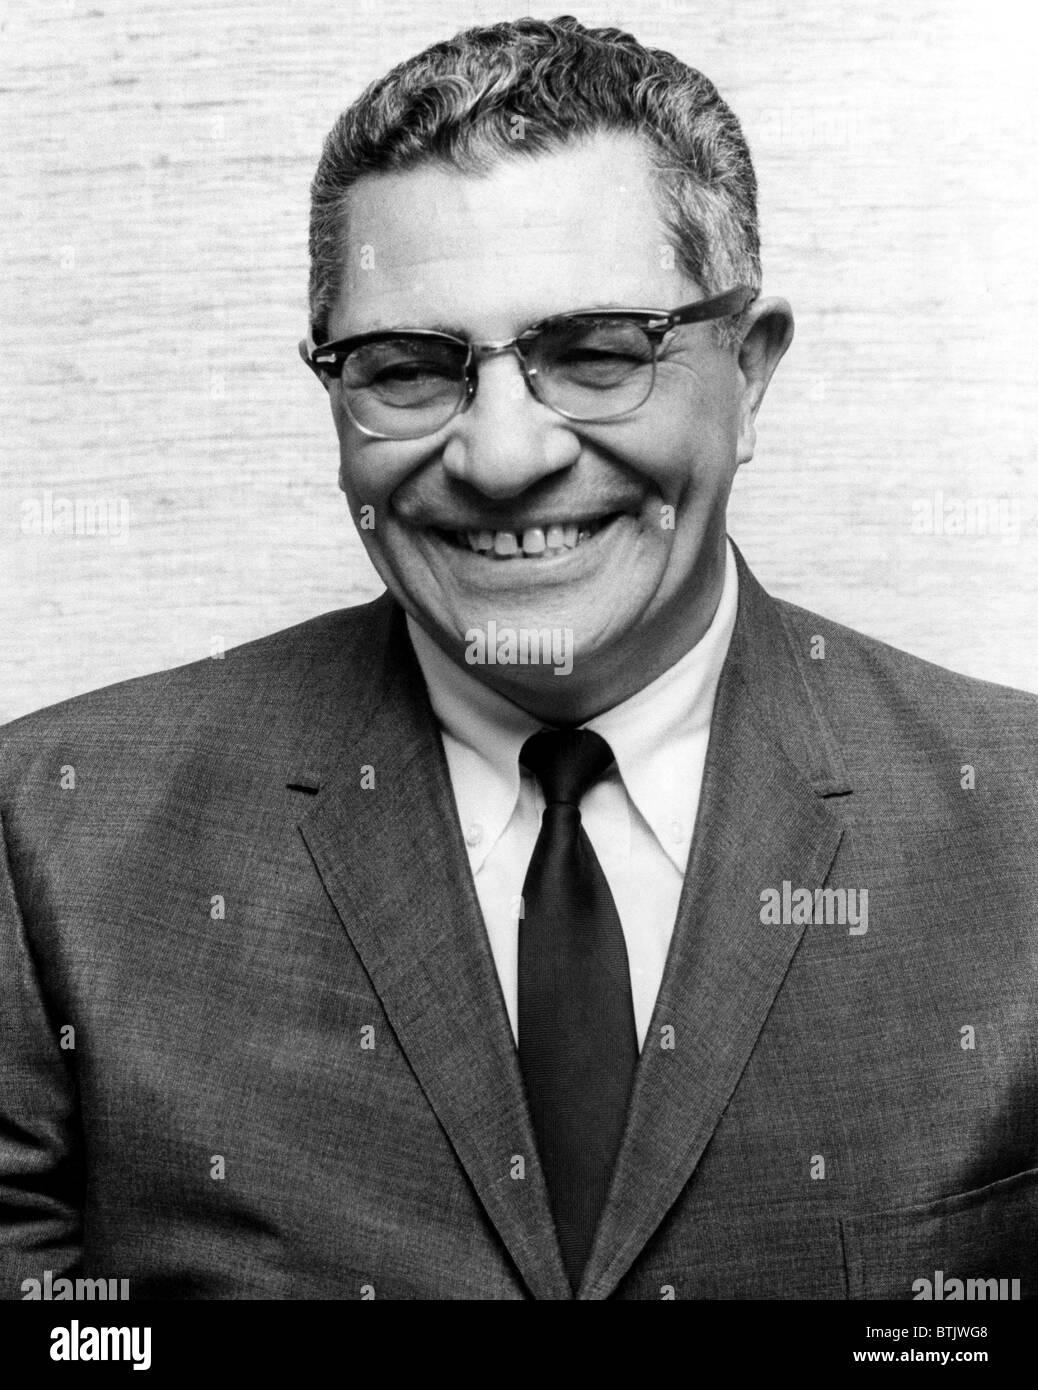 Vince Lombardi, (1913-1970), direttore generale di Green Bay Packers e una delle più riuscite vetture di testa Immagini Stock